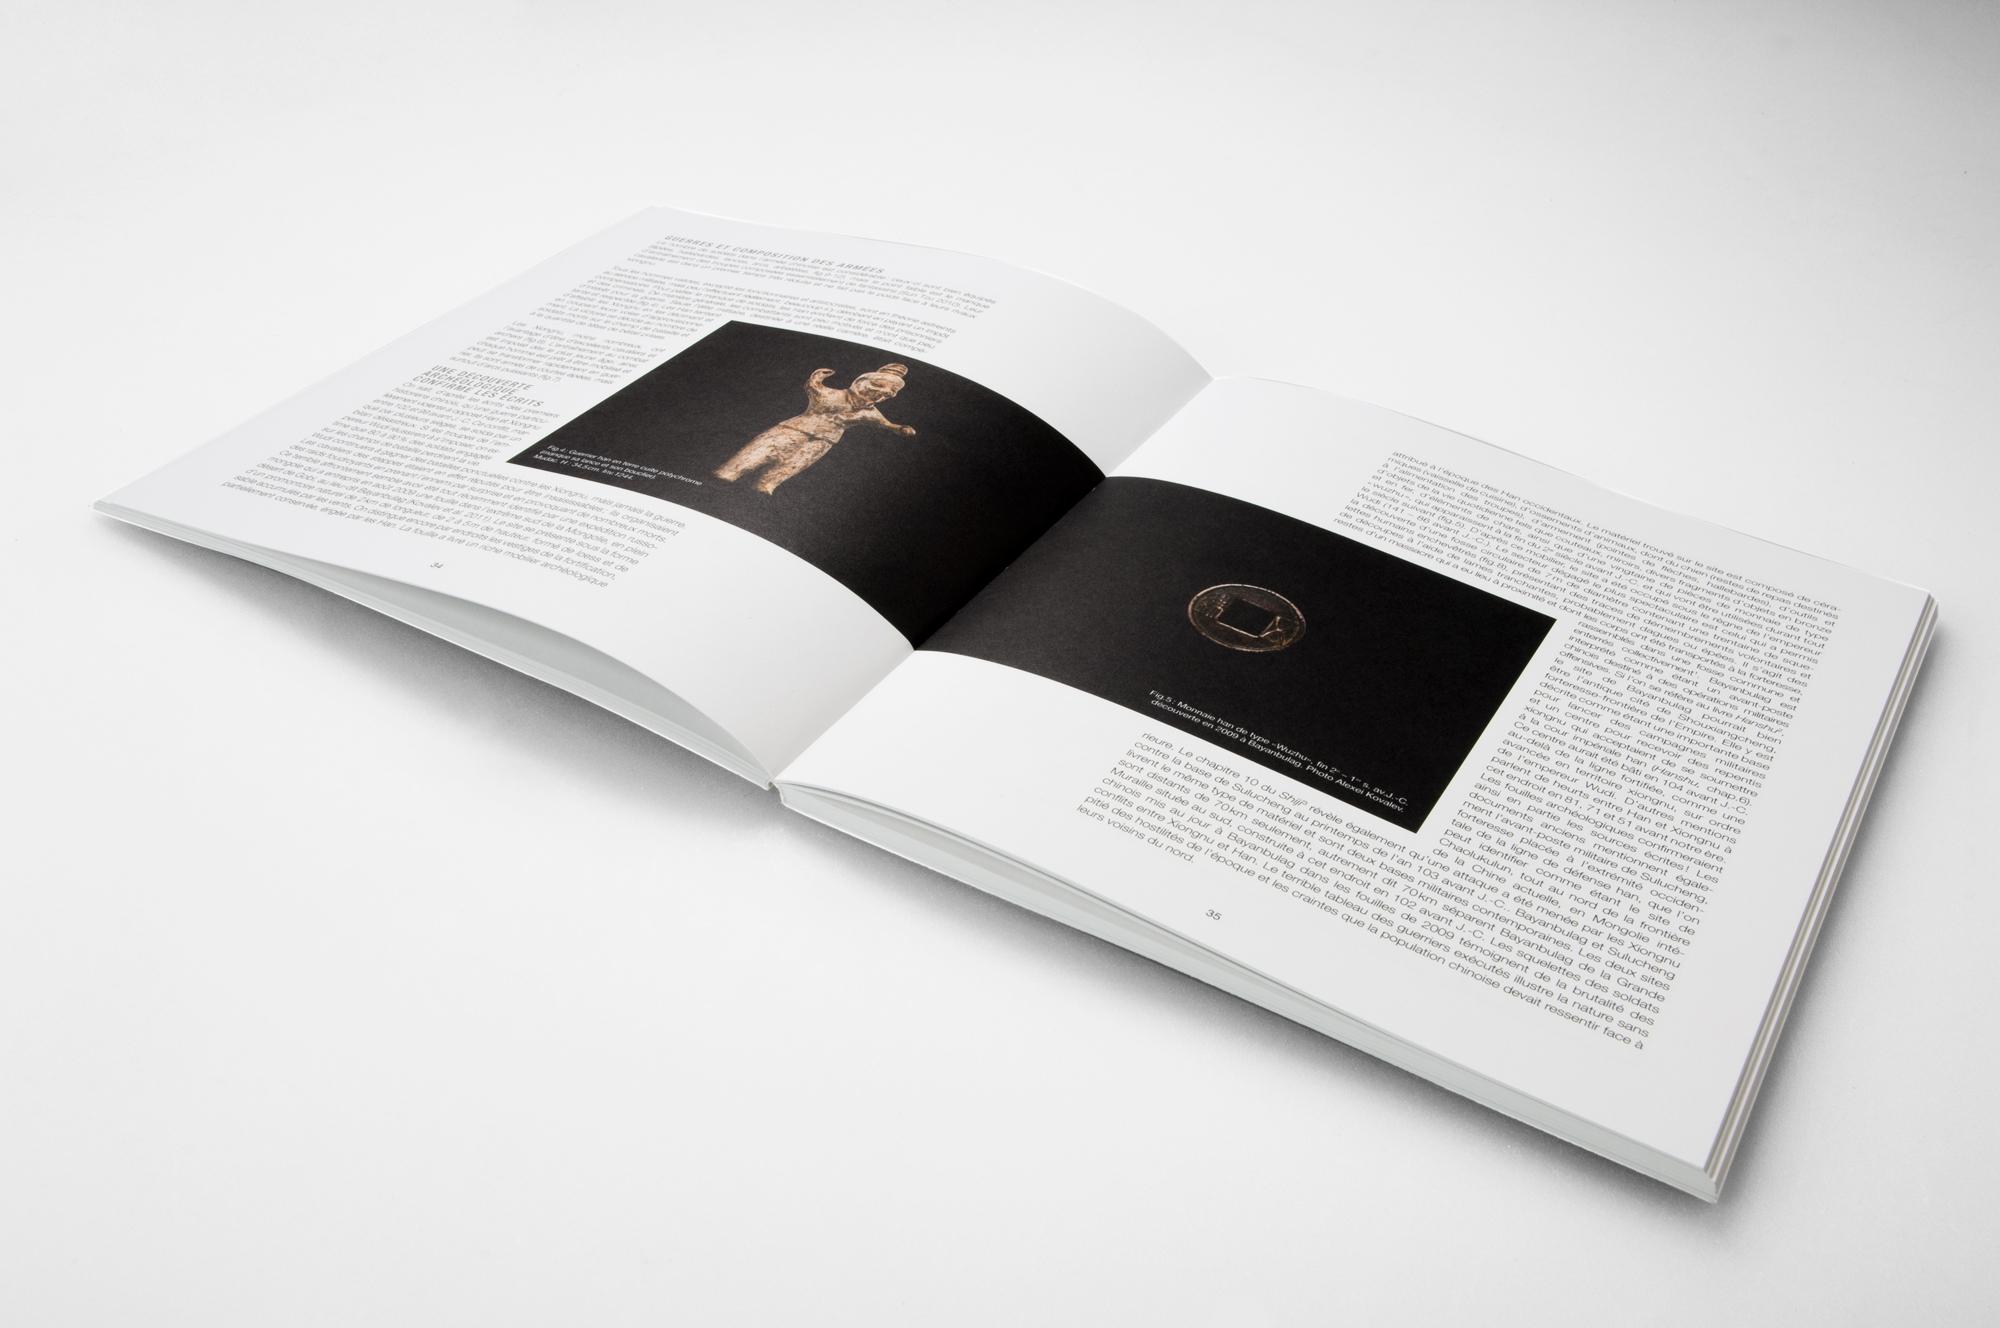 page de texte avec une image transversale dans le catalogue du laténium